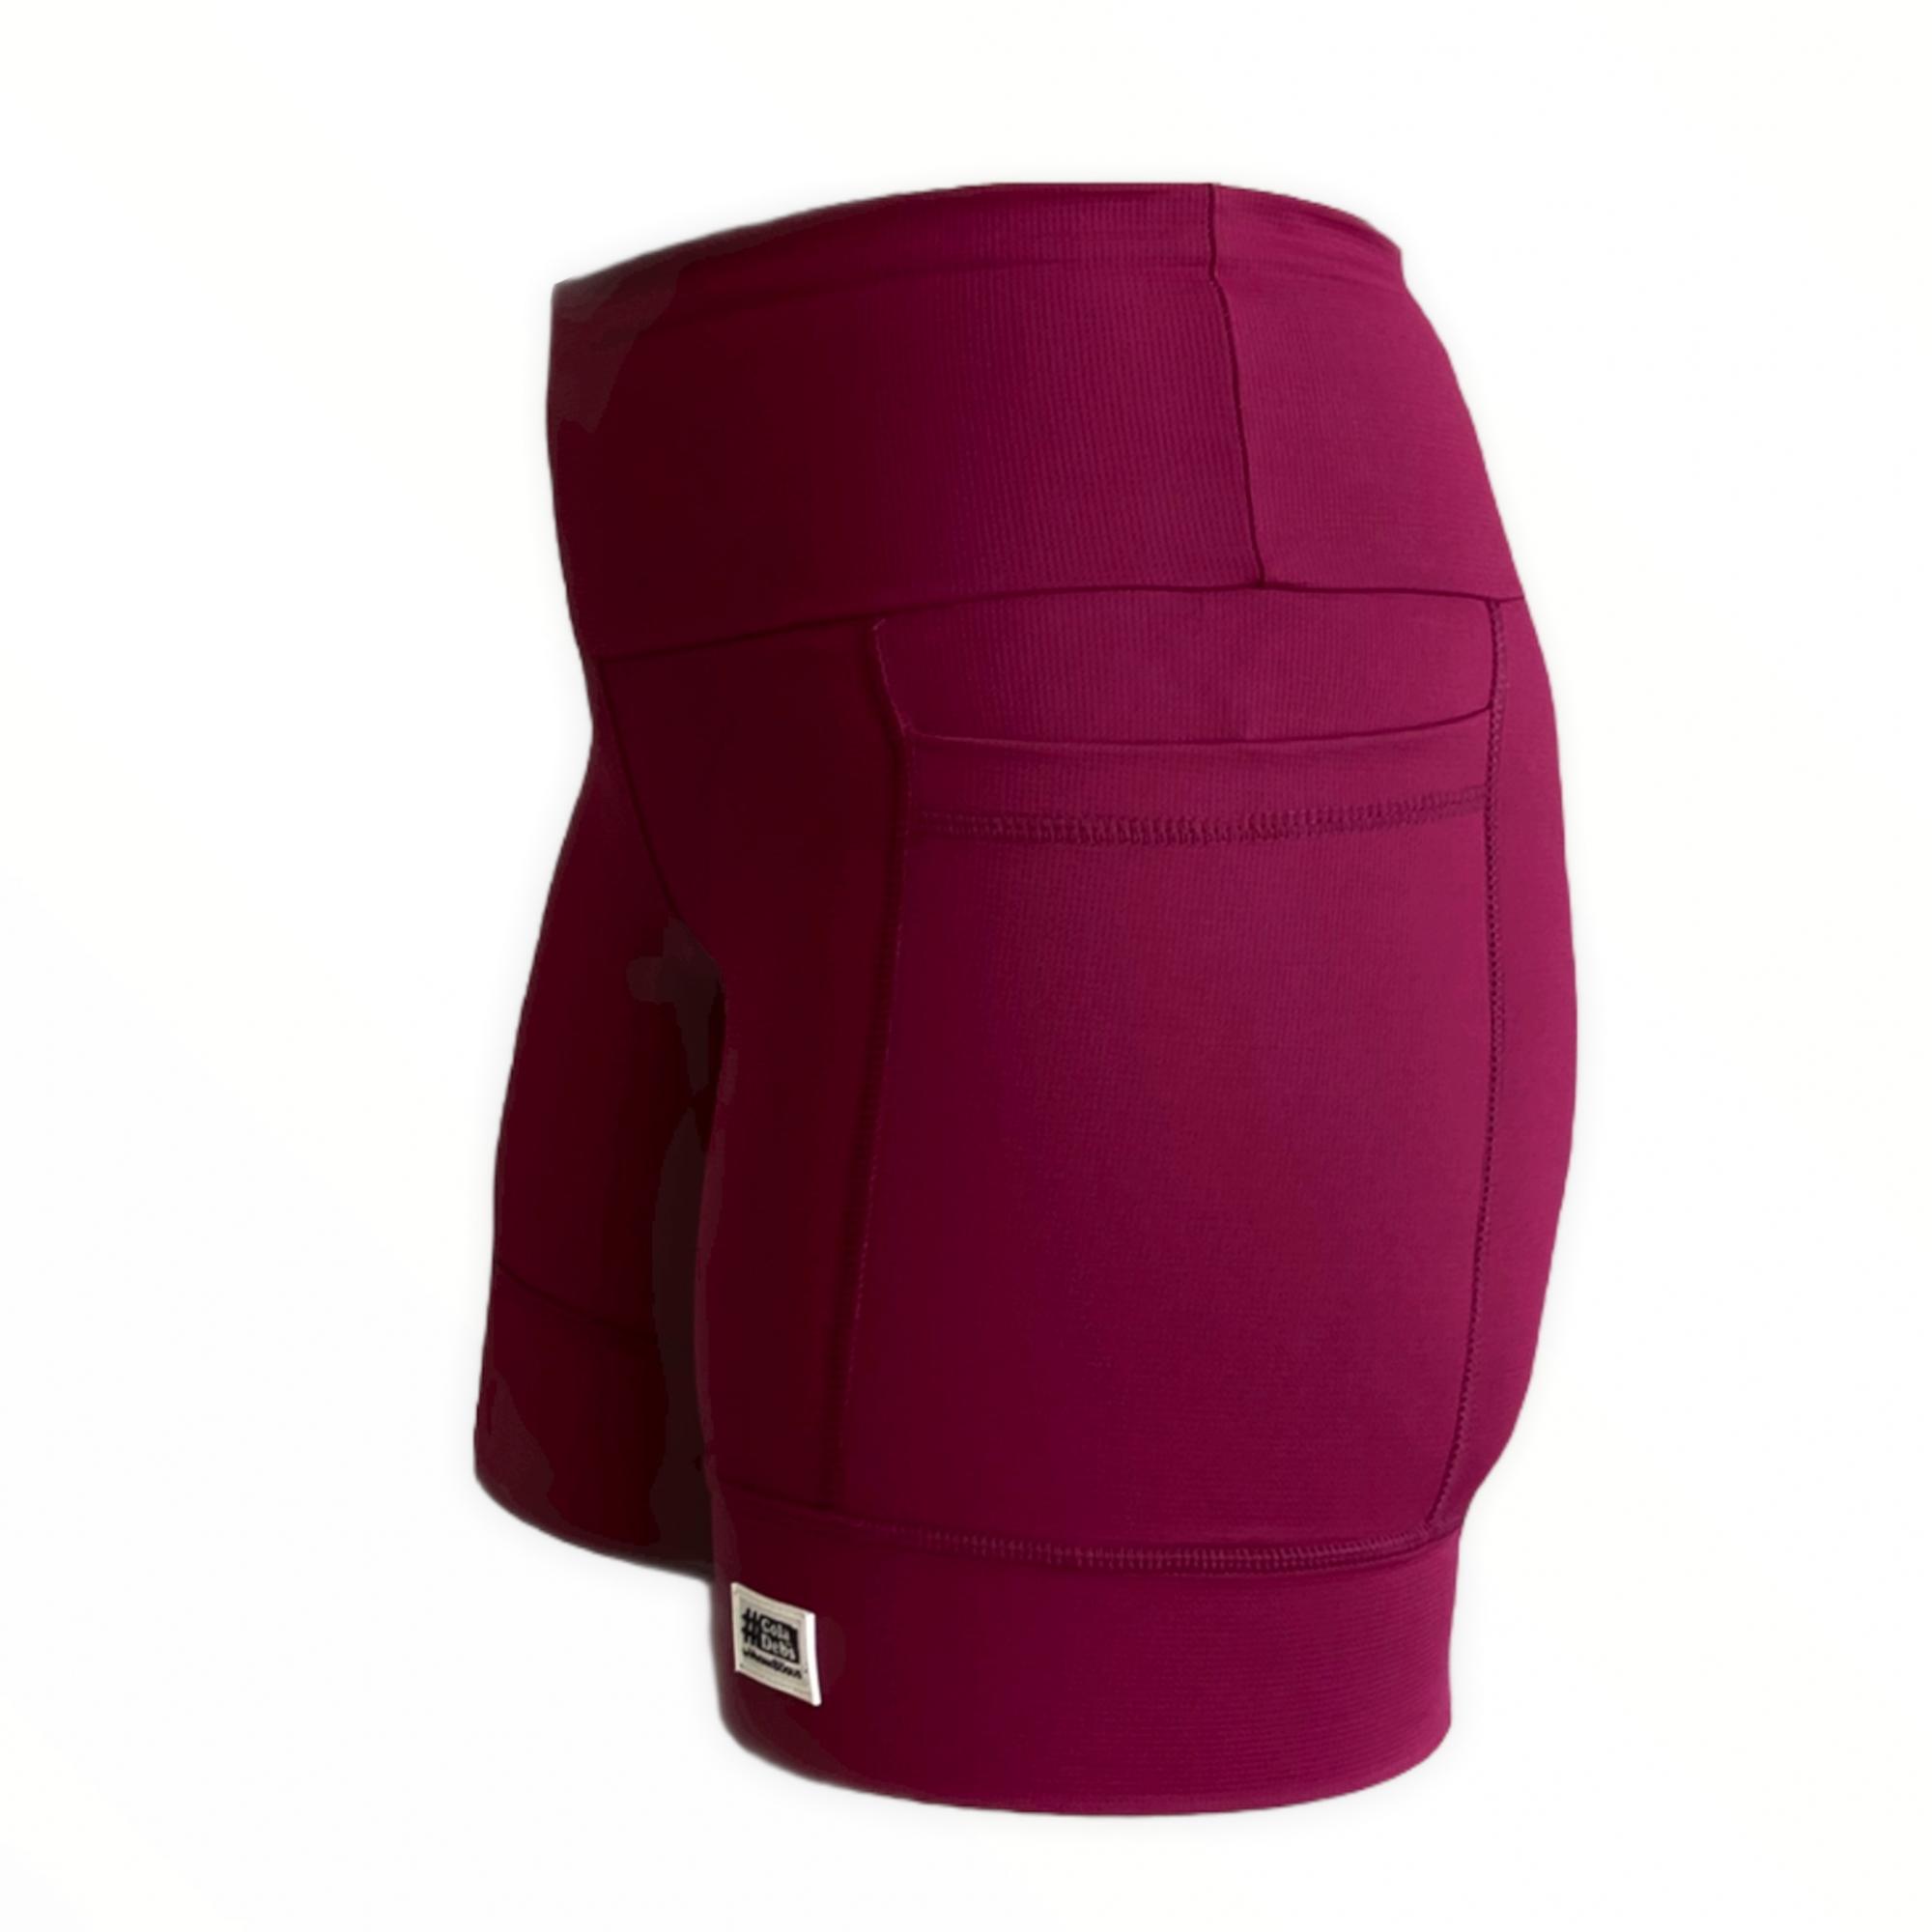 Shorts de compressão 2 bolsos laterais Square em compress vinho